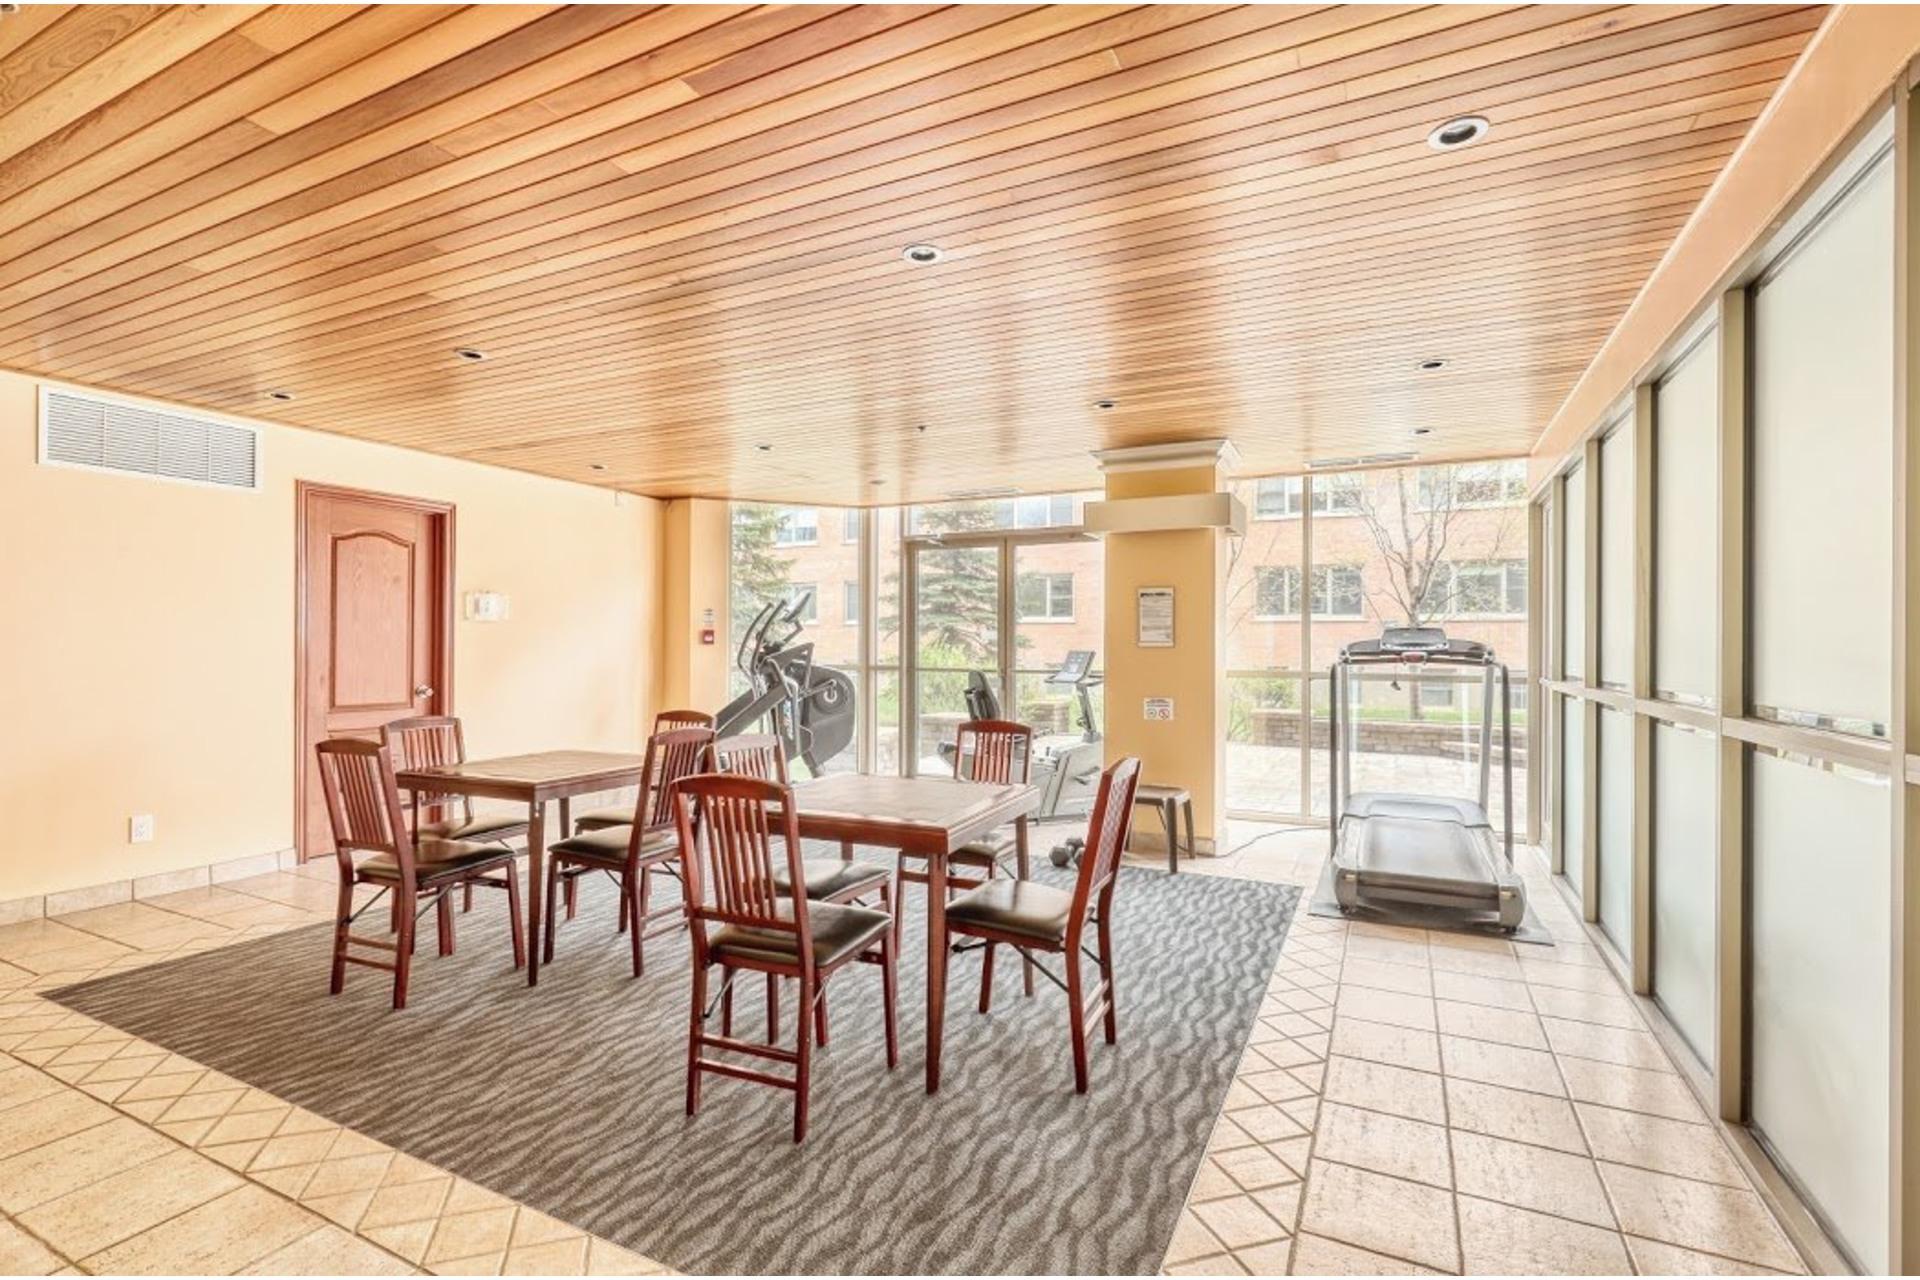 image 6 - Appartement À vendre Mercier/Hochelaga-Maisonneuve Montréal  - 5 pièces